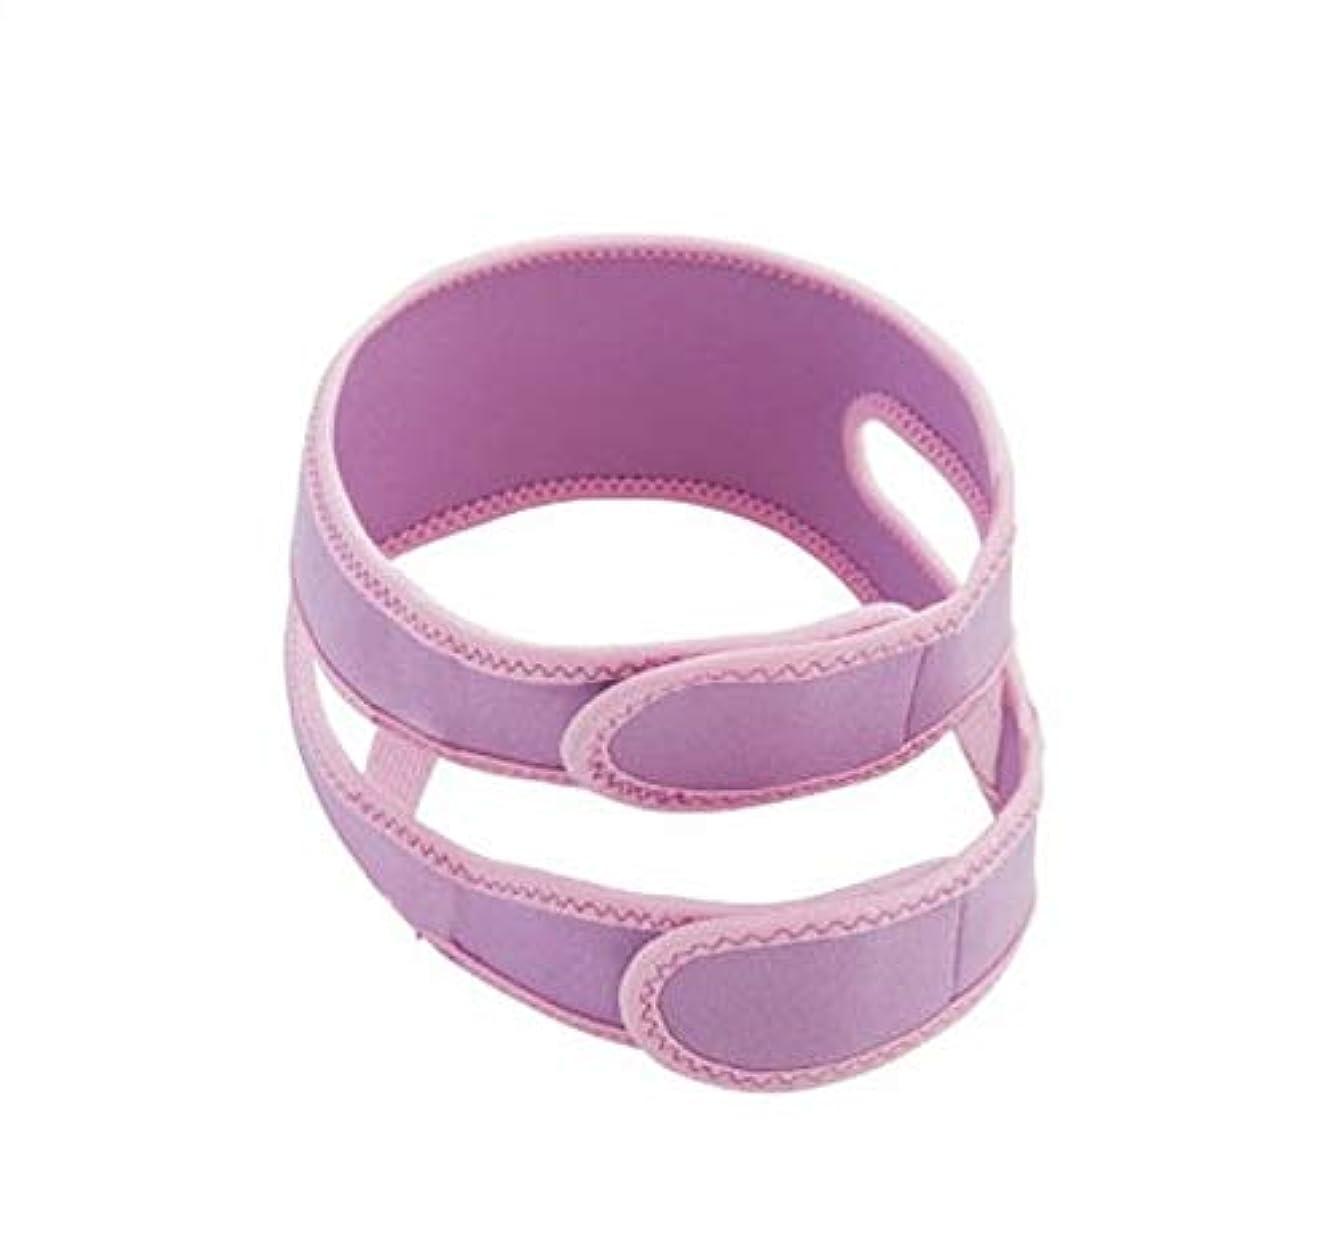 フェイスシェイピングフェイス包帯、引き締めフェイスリフティングアーティファクト/アンチダブルチンフェイスリフティングベルト/ラインカービング術後ヘッドギア,Purple